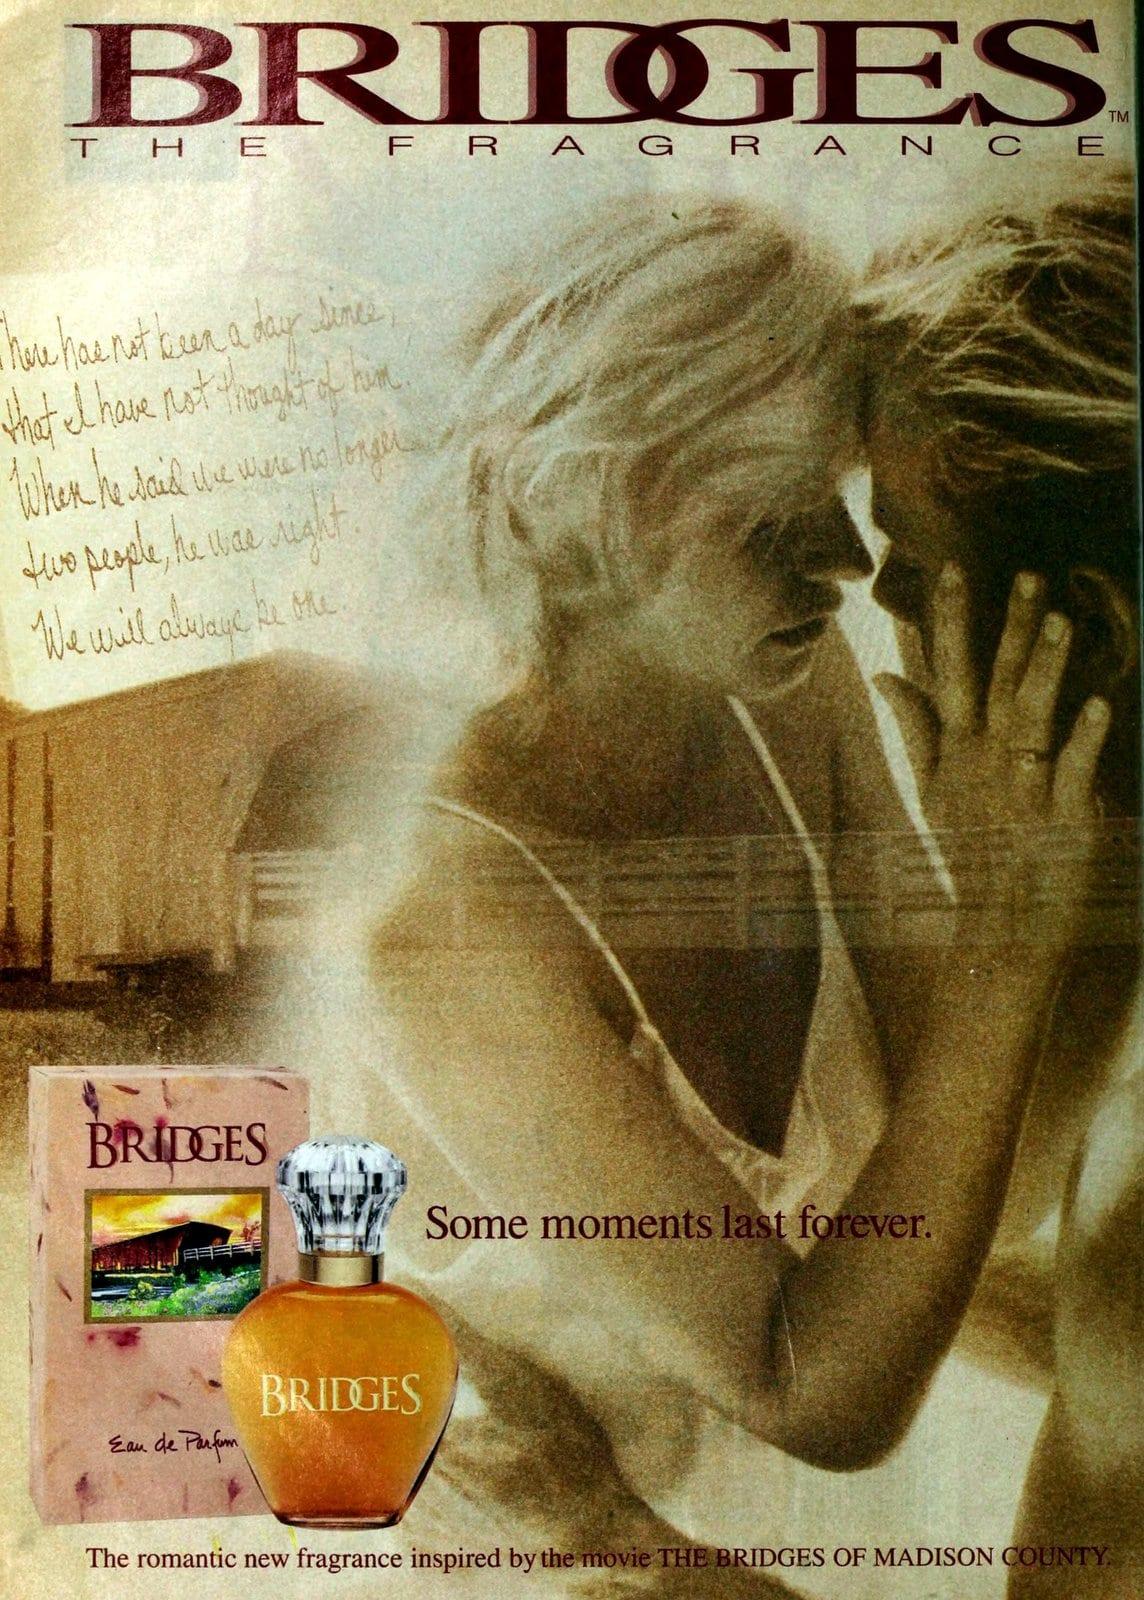 Bridges, the fragrance (1995) at ClickAmericana com